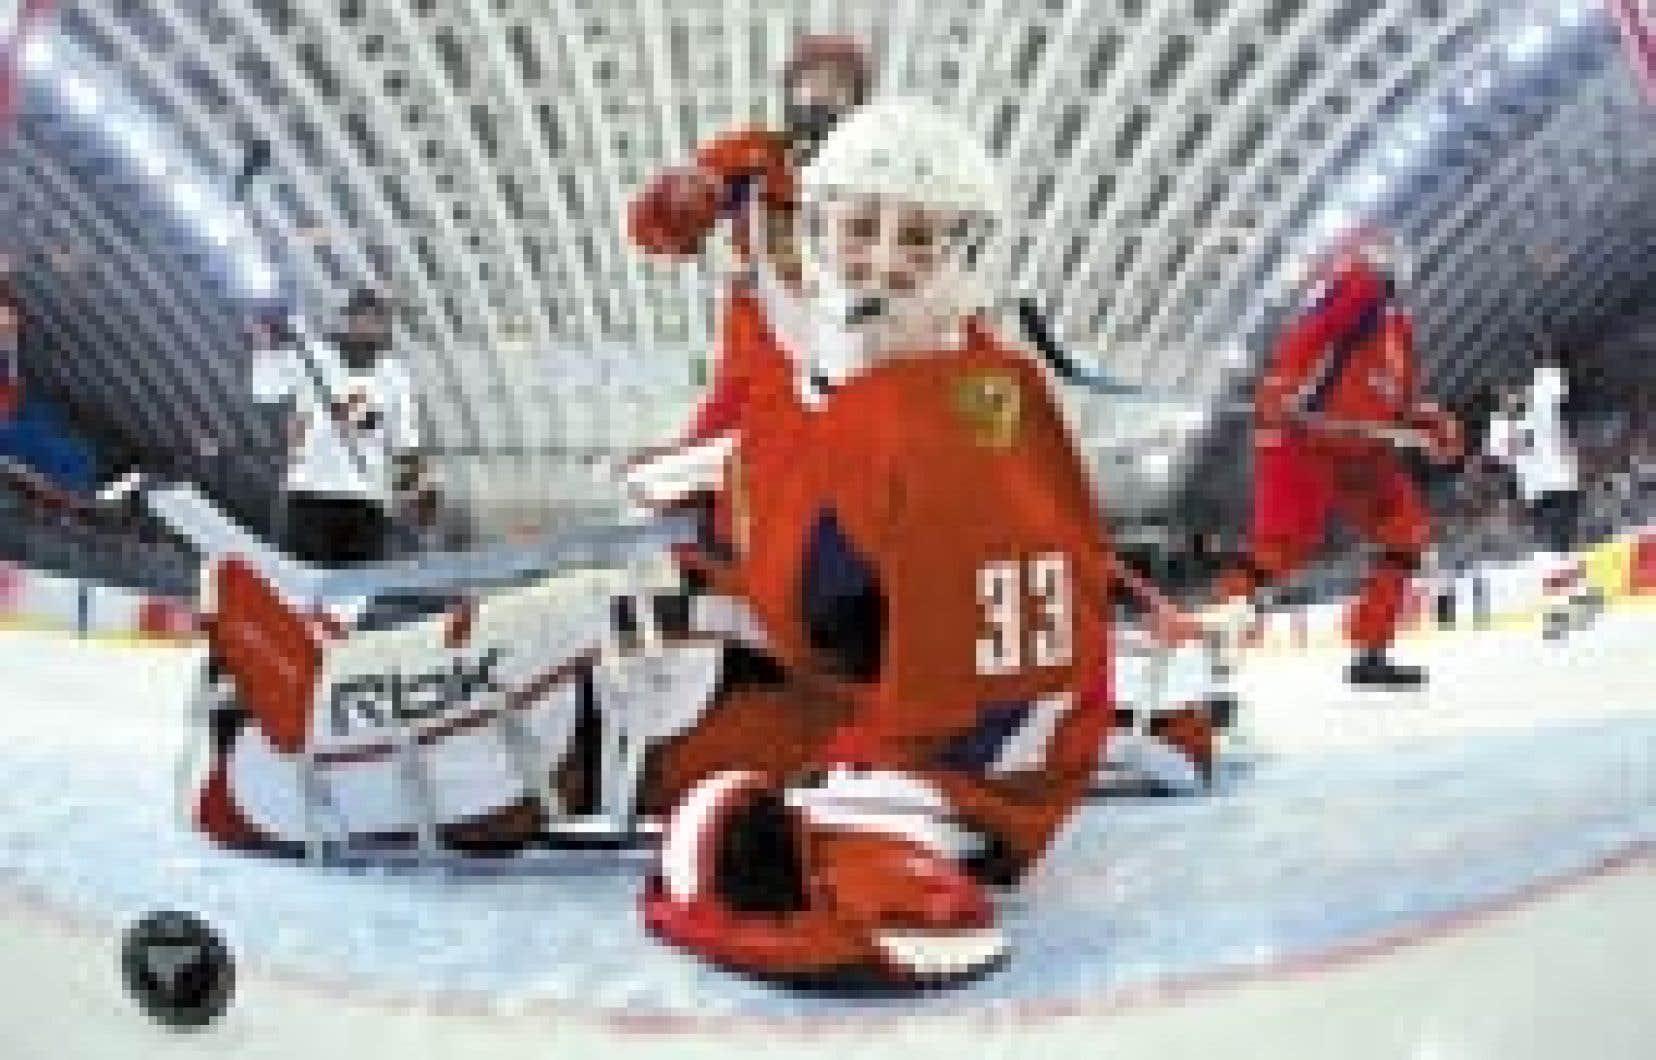 L'équipe canadienne de hockey féminin, grande favorite du tournoi olympique (avec les États-Unis), a poursuivi sa foudroyante marche vers la finale hier en dominant la Russie par la marque de 12 à 0. Nadezhda Aleksandrova (sur la photo), a pris la